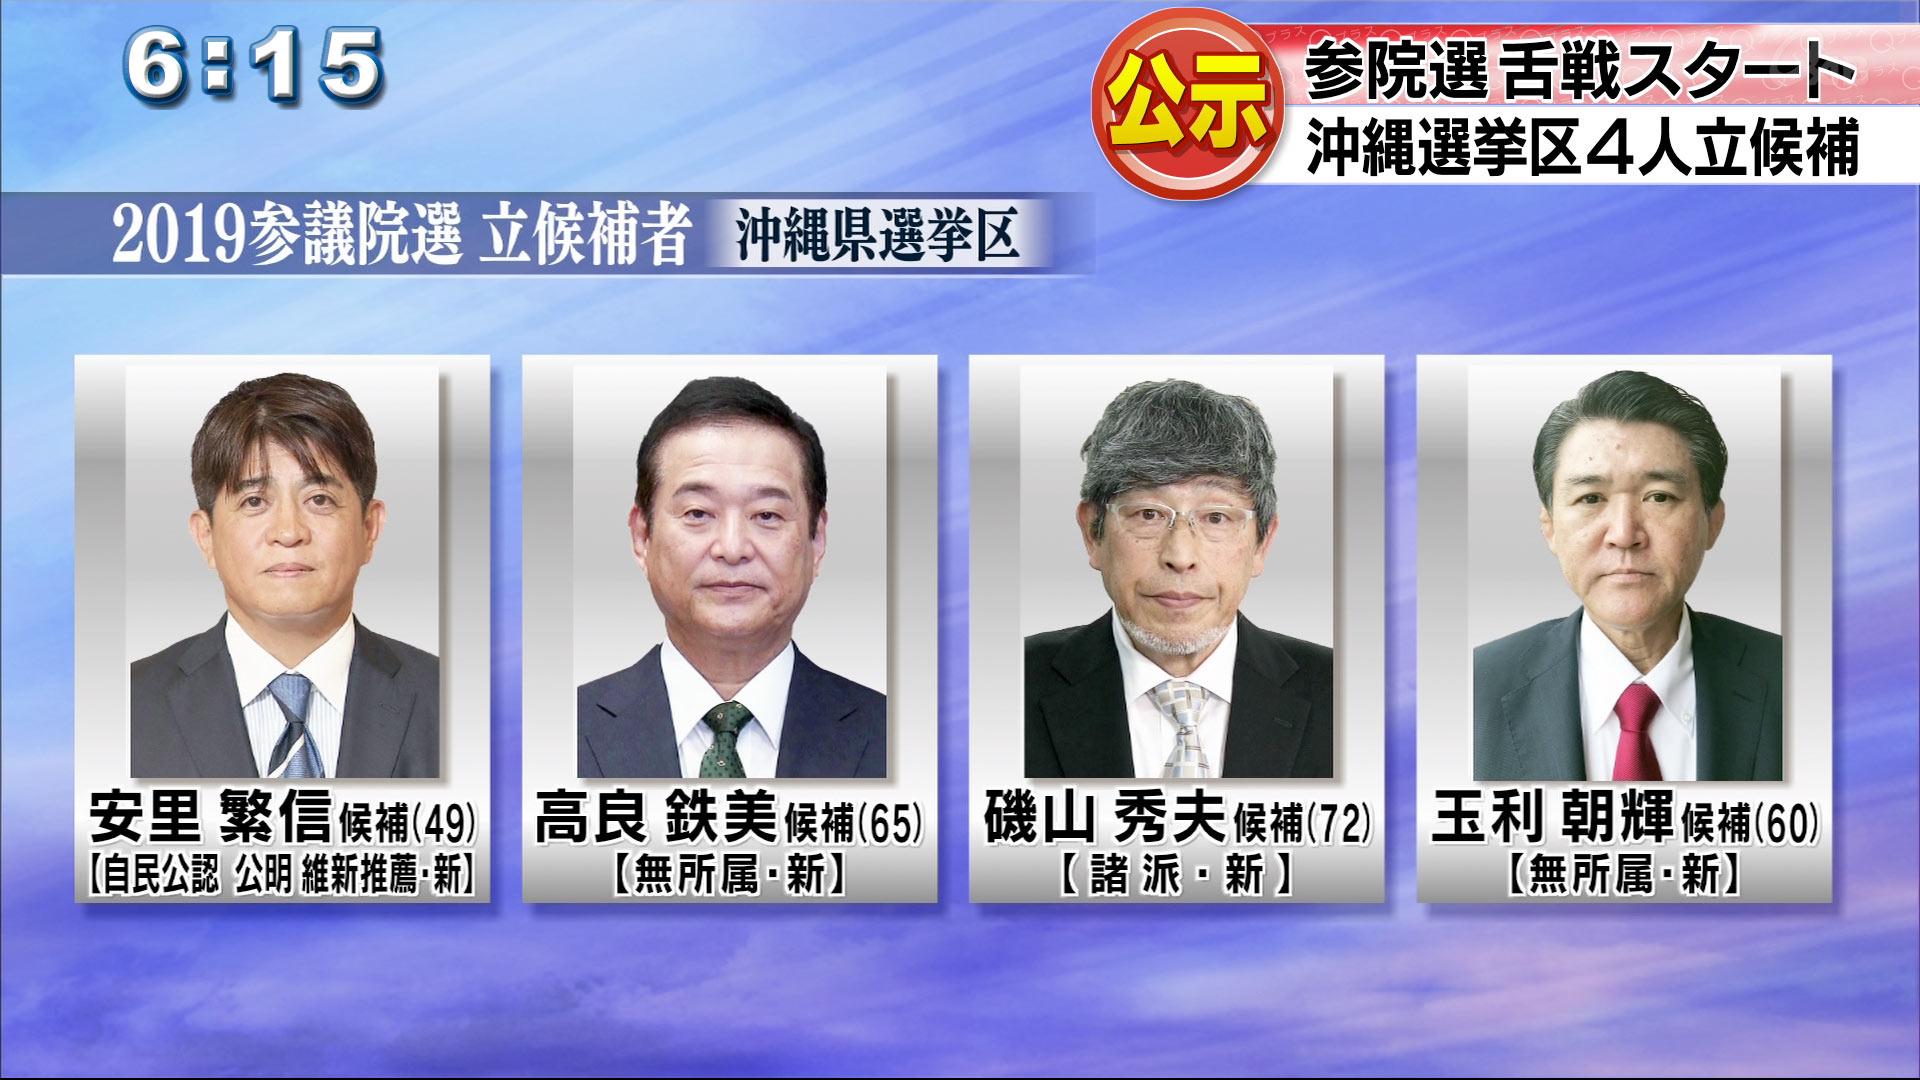 参院選4日公示 選挙戦スタート